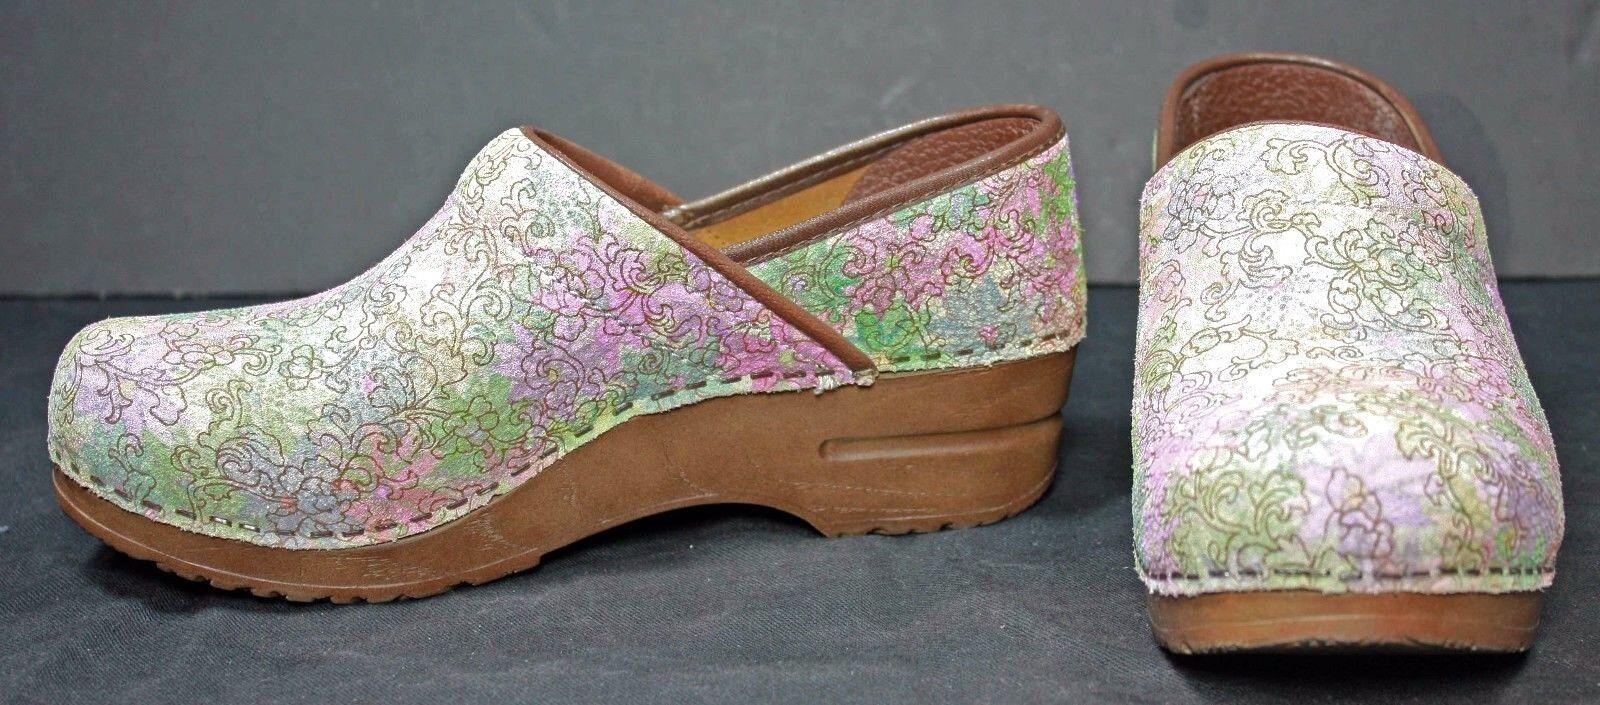 Sanita Womens Clogs size 6.5     7 Leather Multi-color Pastel shoes Dansko WH34 ea1373